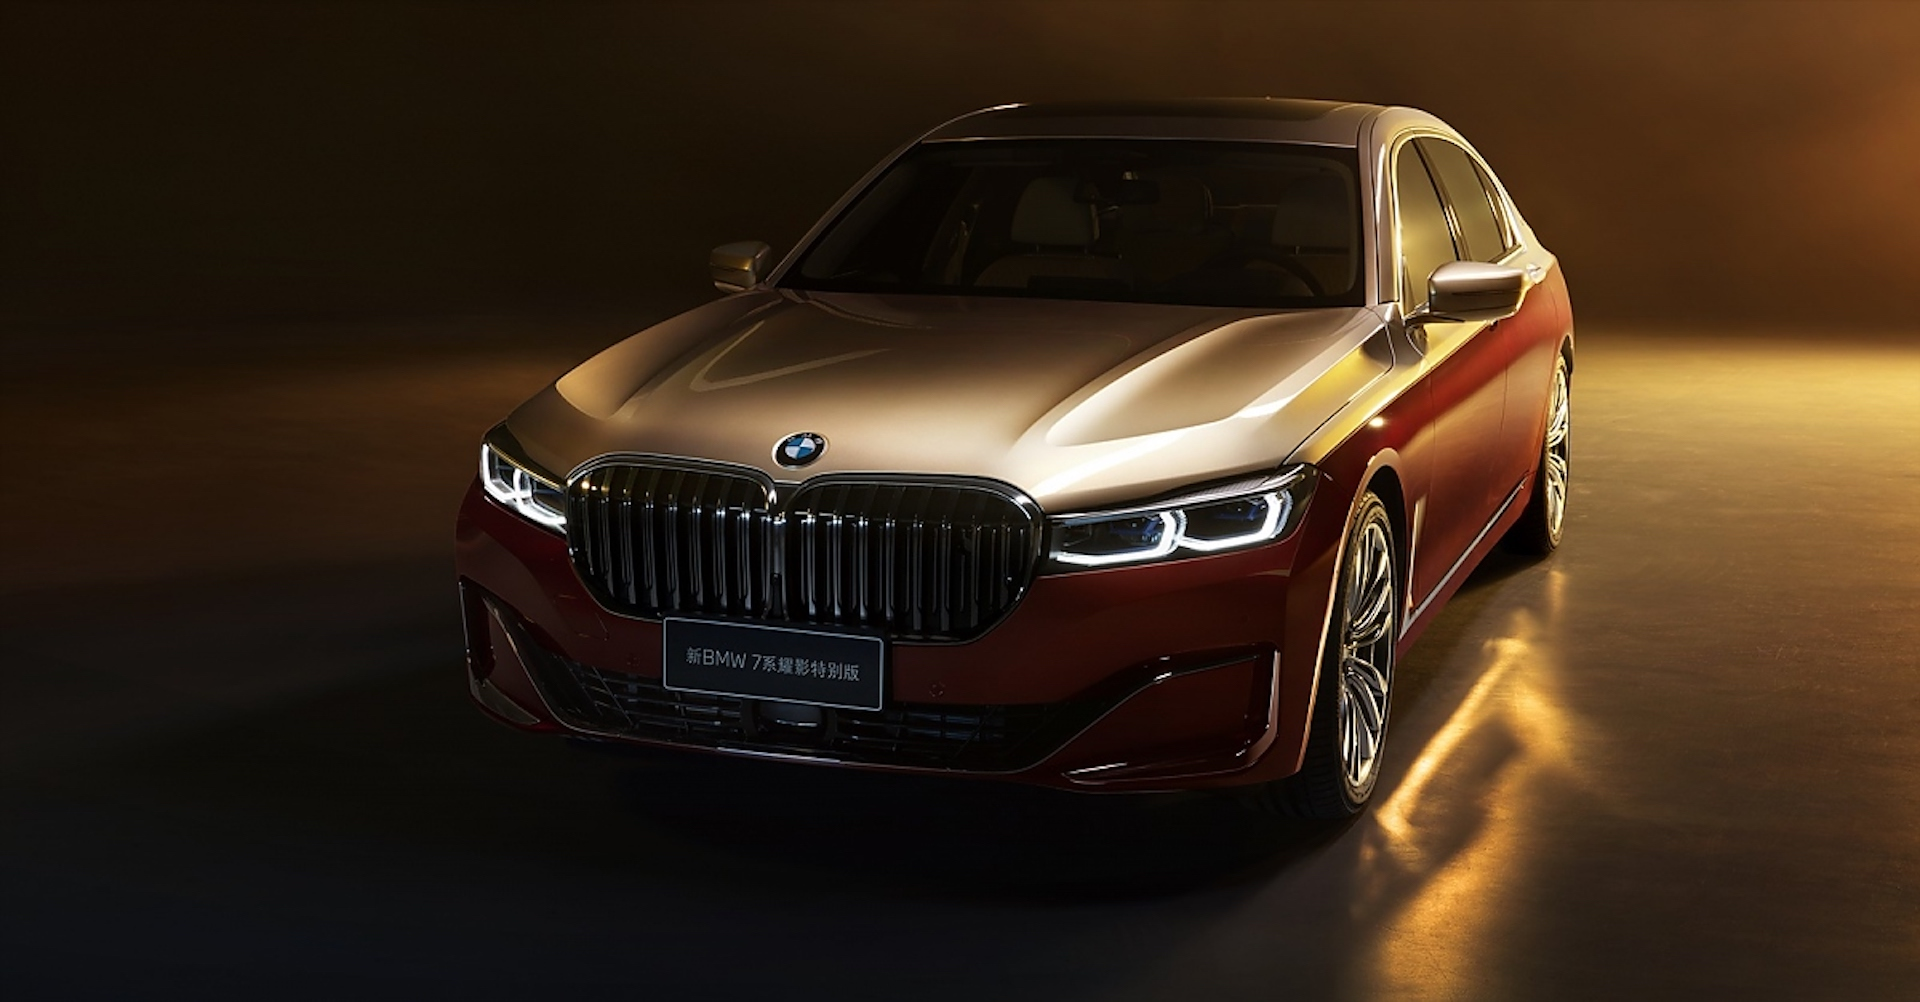 BMW 760 Li Two Tone China